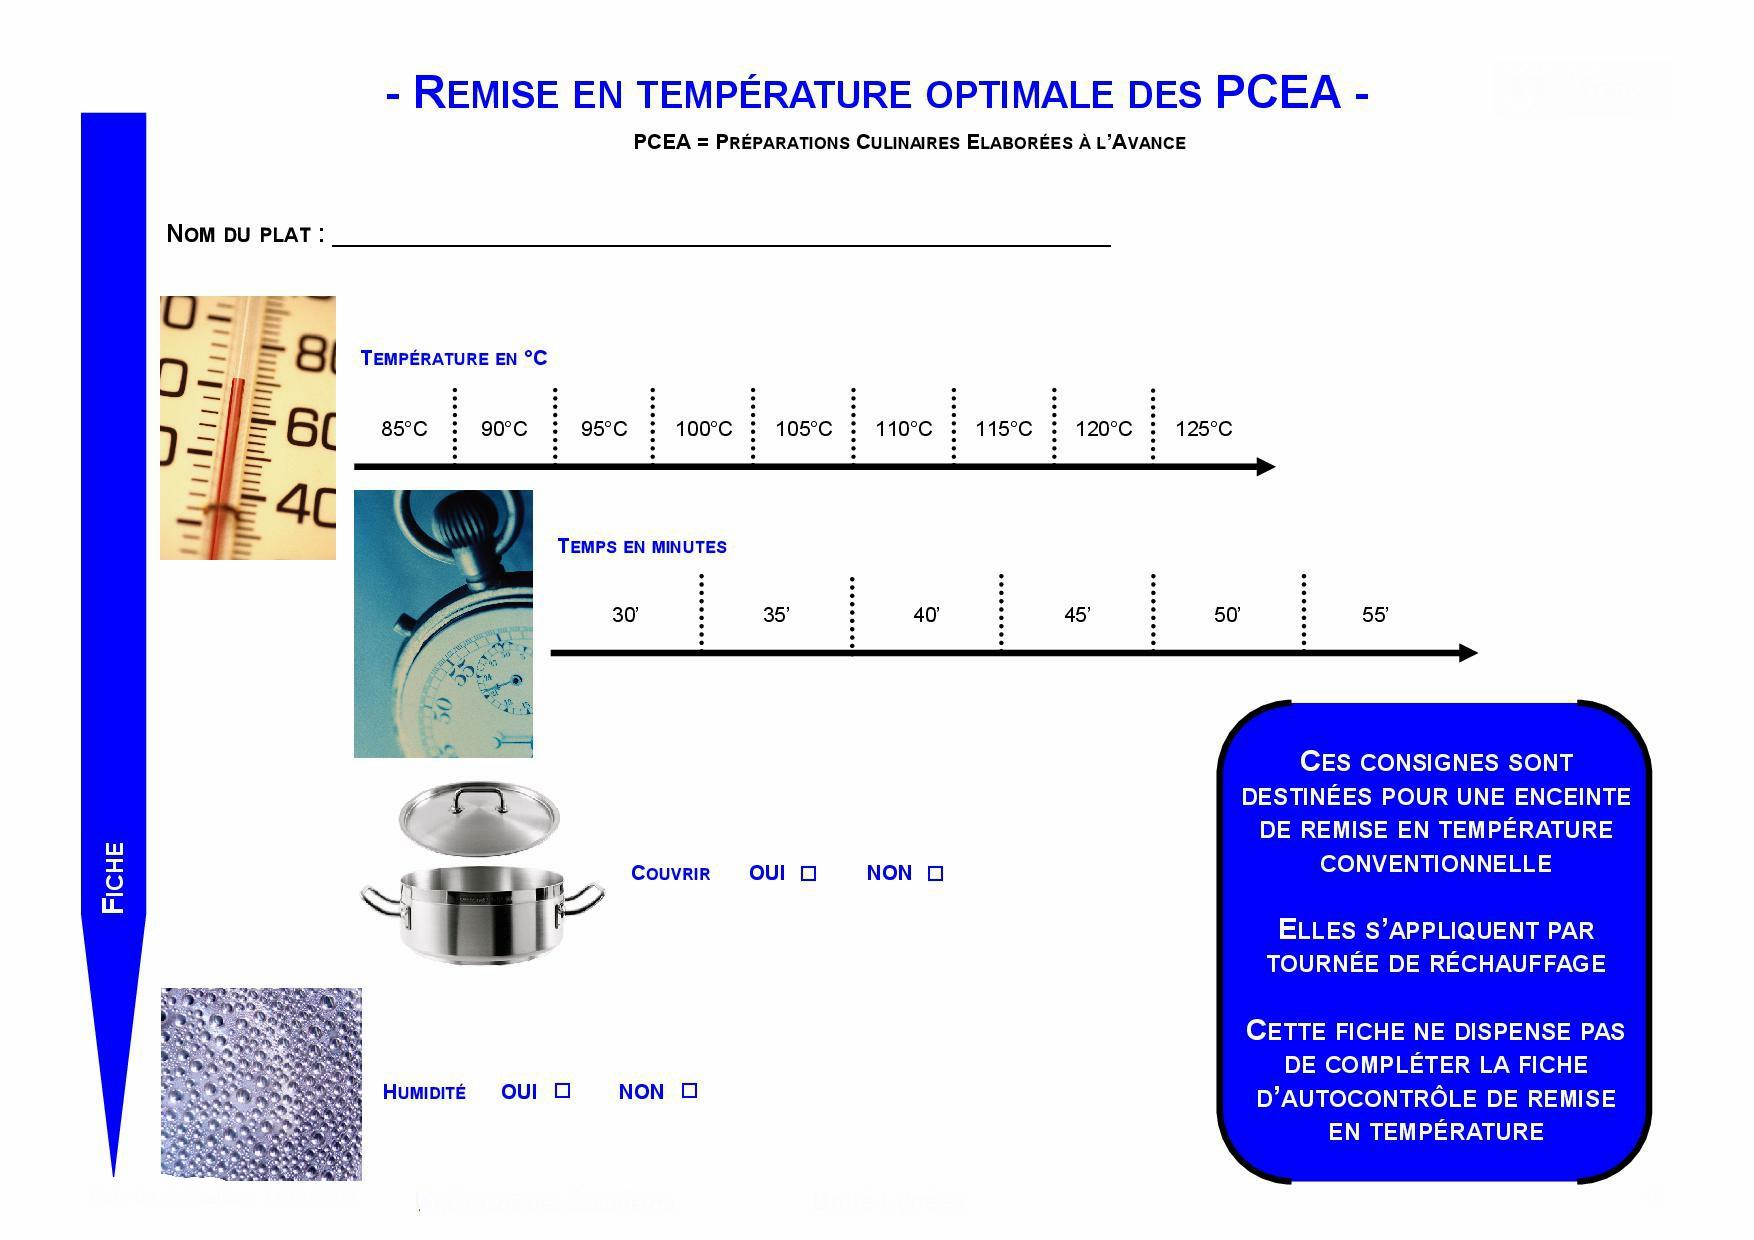 fiche-remise-en-temperature-des-PCEA-